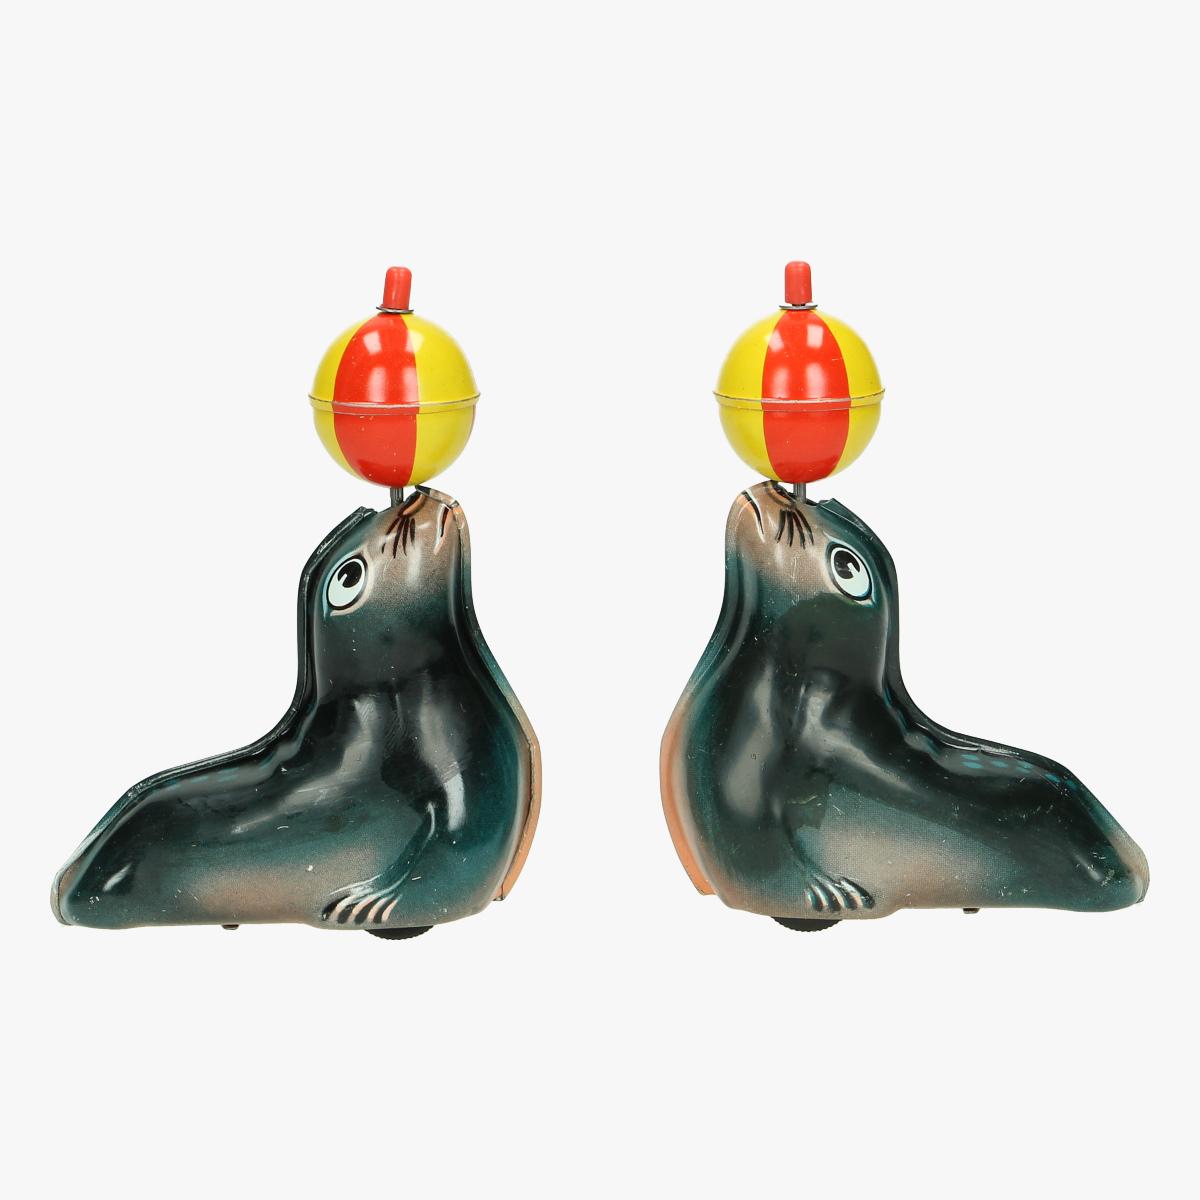 Afbeeldingen van blikken zeehondjes lehmann repro